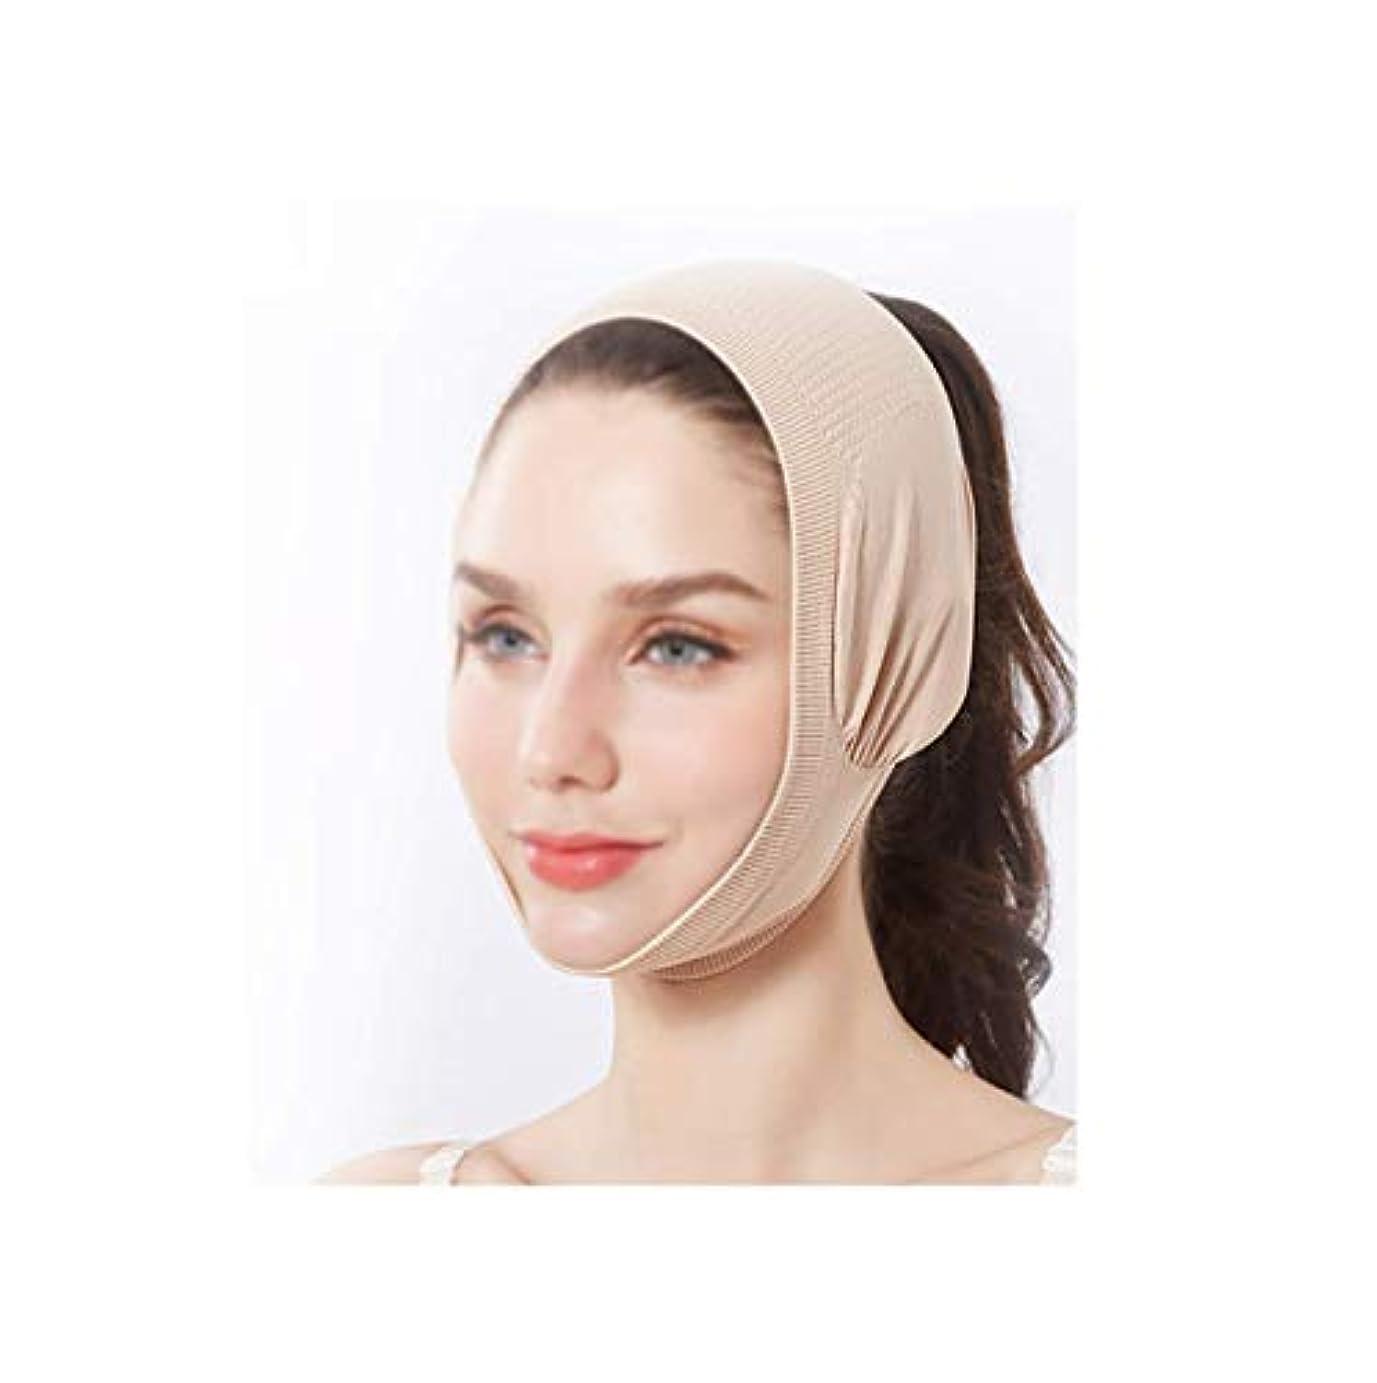 化粧採用する沼地フェイスリフトマスク、フェイシャルマスクエクステンション強度フェイスレスバンデージバンディオンフェイスラージVラインカービングフェイスバックカバーネックストラップ(色:スキントーン)